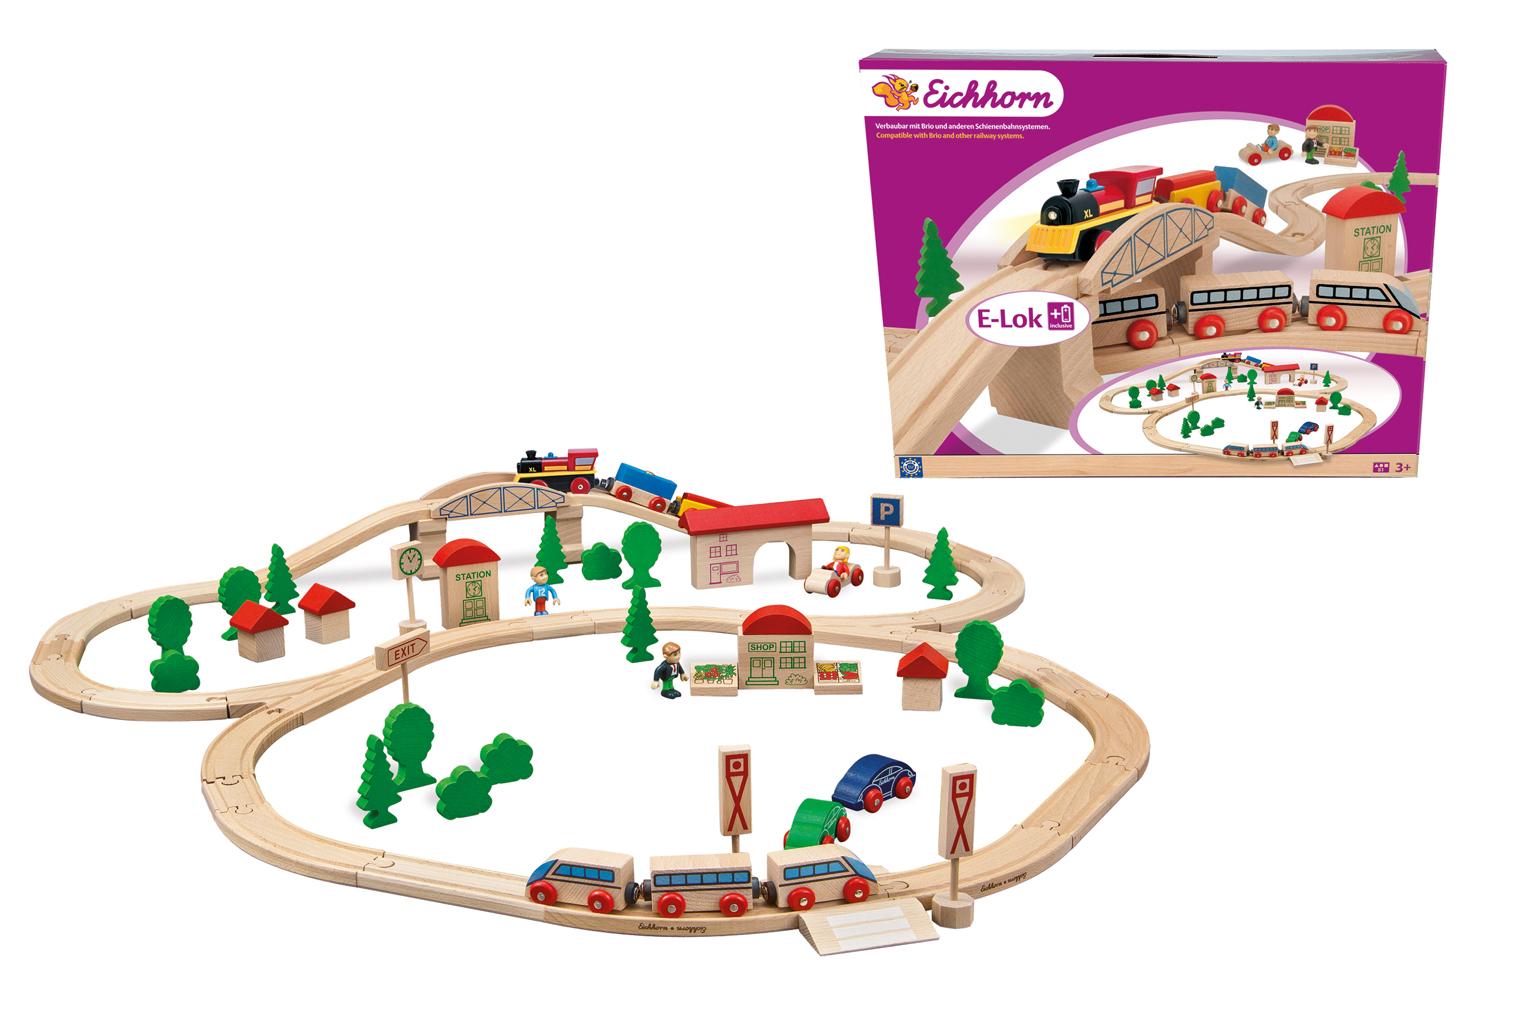 Деревянная железная дорога с мостом и 2 поездамиДетская железная дорога<br>Деревянная железная дорога с мостом и 2 поездами<br>